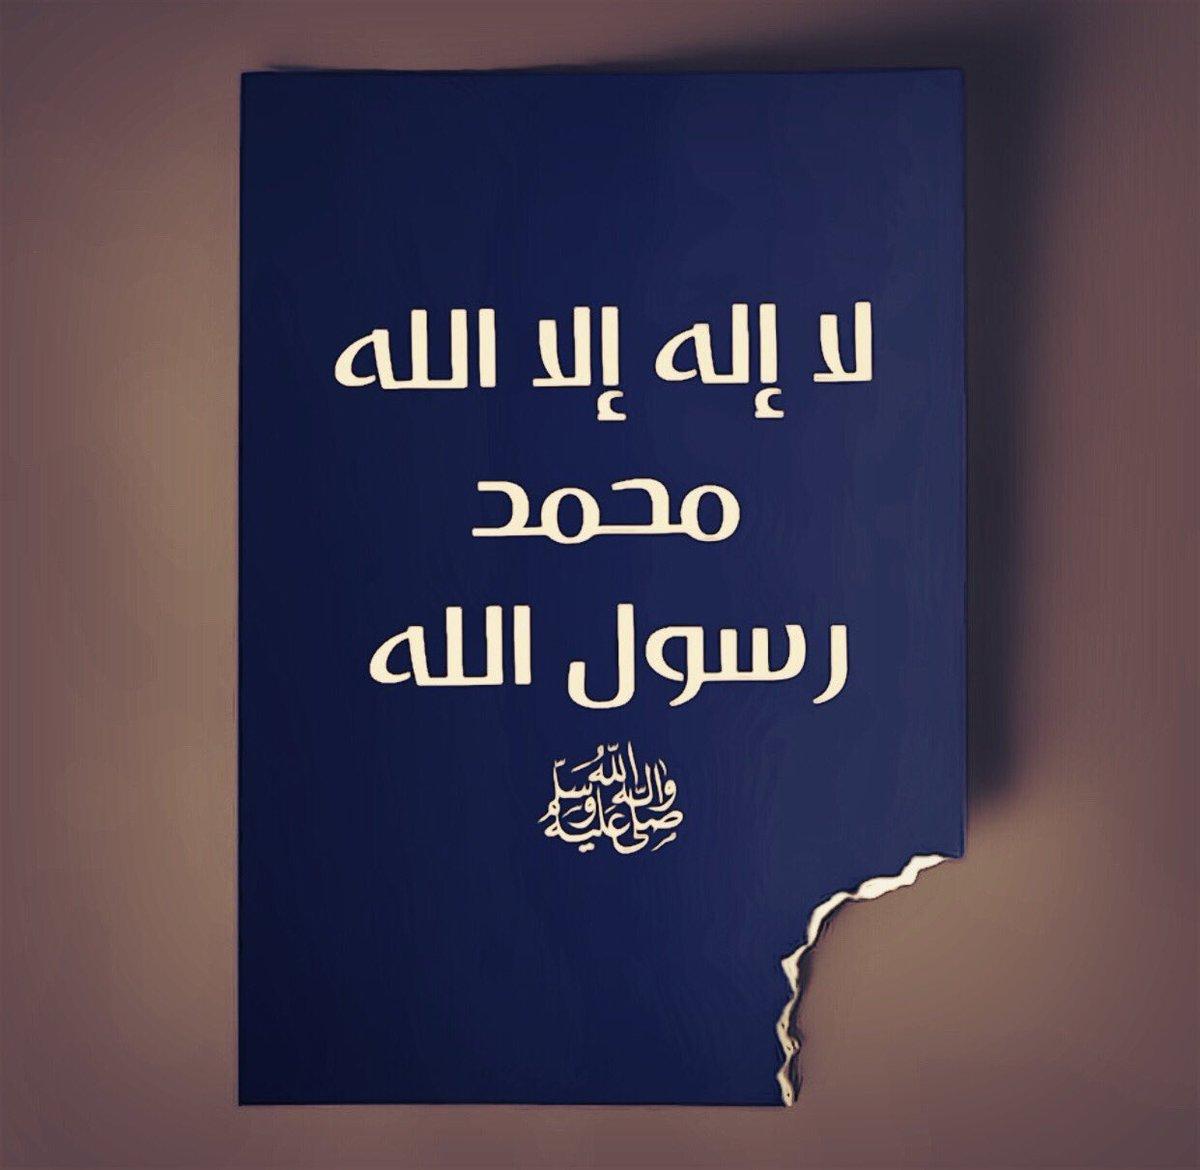 سجلوا حضوركم بالصلاة على محمد وآل محمد - صفحة 17 D3tY-PRXkAcd_G3